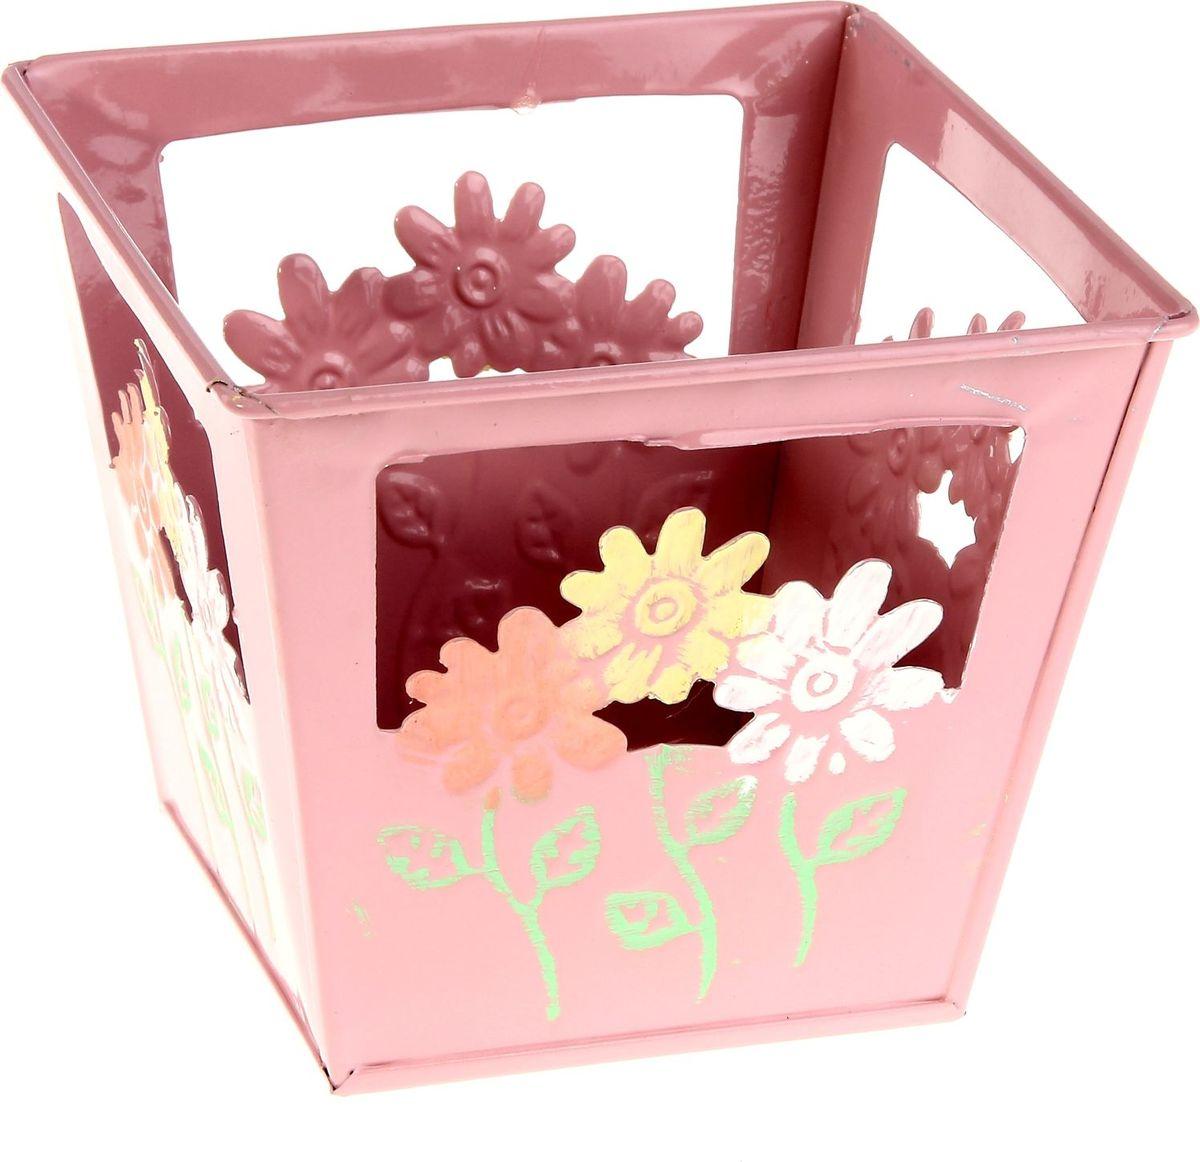 Кашпо Цветочки, цвет: розовый, 15 х 15 х 13 см232947Комнатные растения — всеобщие любимцы. Они радуют глаз, насыщают помещение кислородом и украшают пространство. Каждому из растений необходим свой удобный и красивый дом. Металлические декоративные вазы для горшков практичны и долговечны. #name# позаботится о зелёном питомце, освежит интерьер и подчеркнёт его стиль. Особенно выигрышно они смотрятся в экстерьере: на террасах и в беседках. При желании его всегда можно перекрасить в другой цвет.